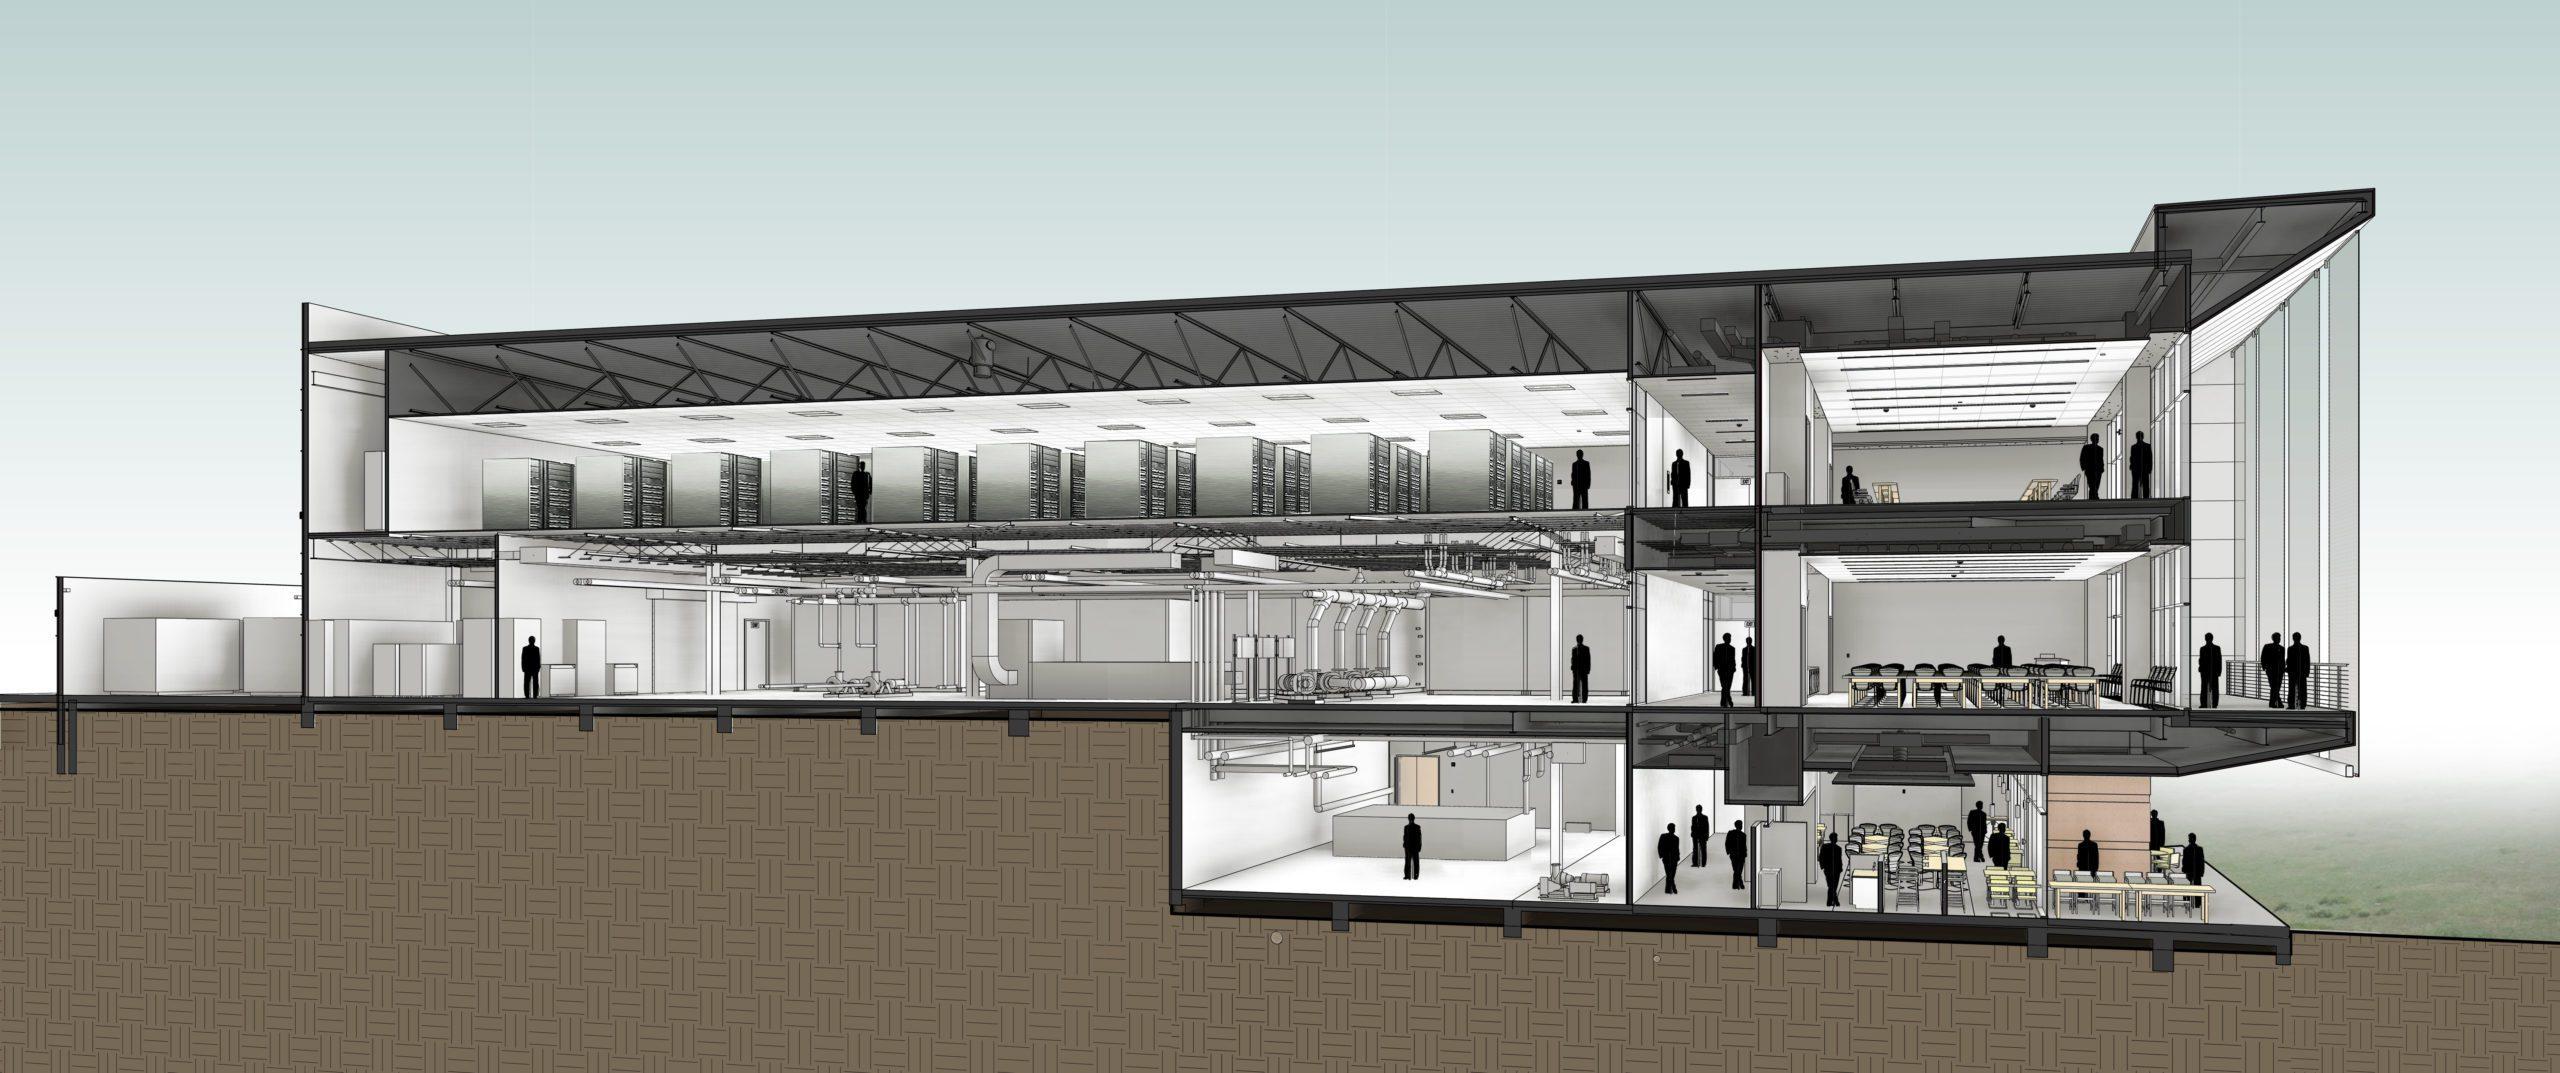 NREL Data Center